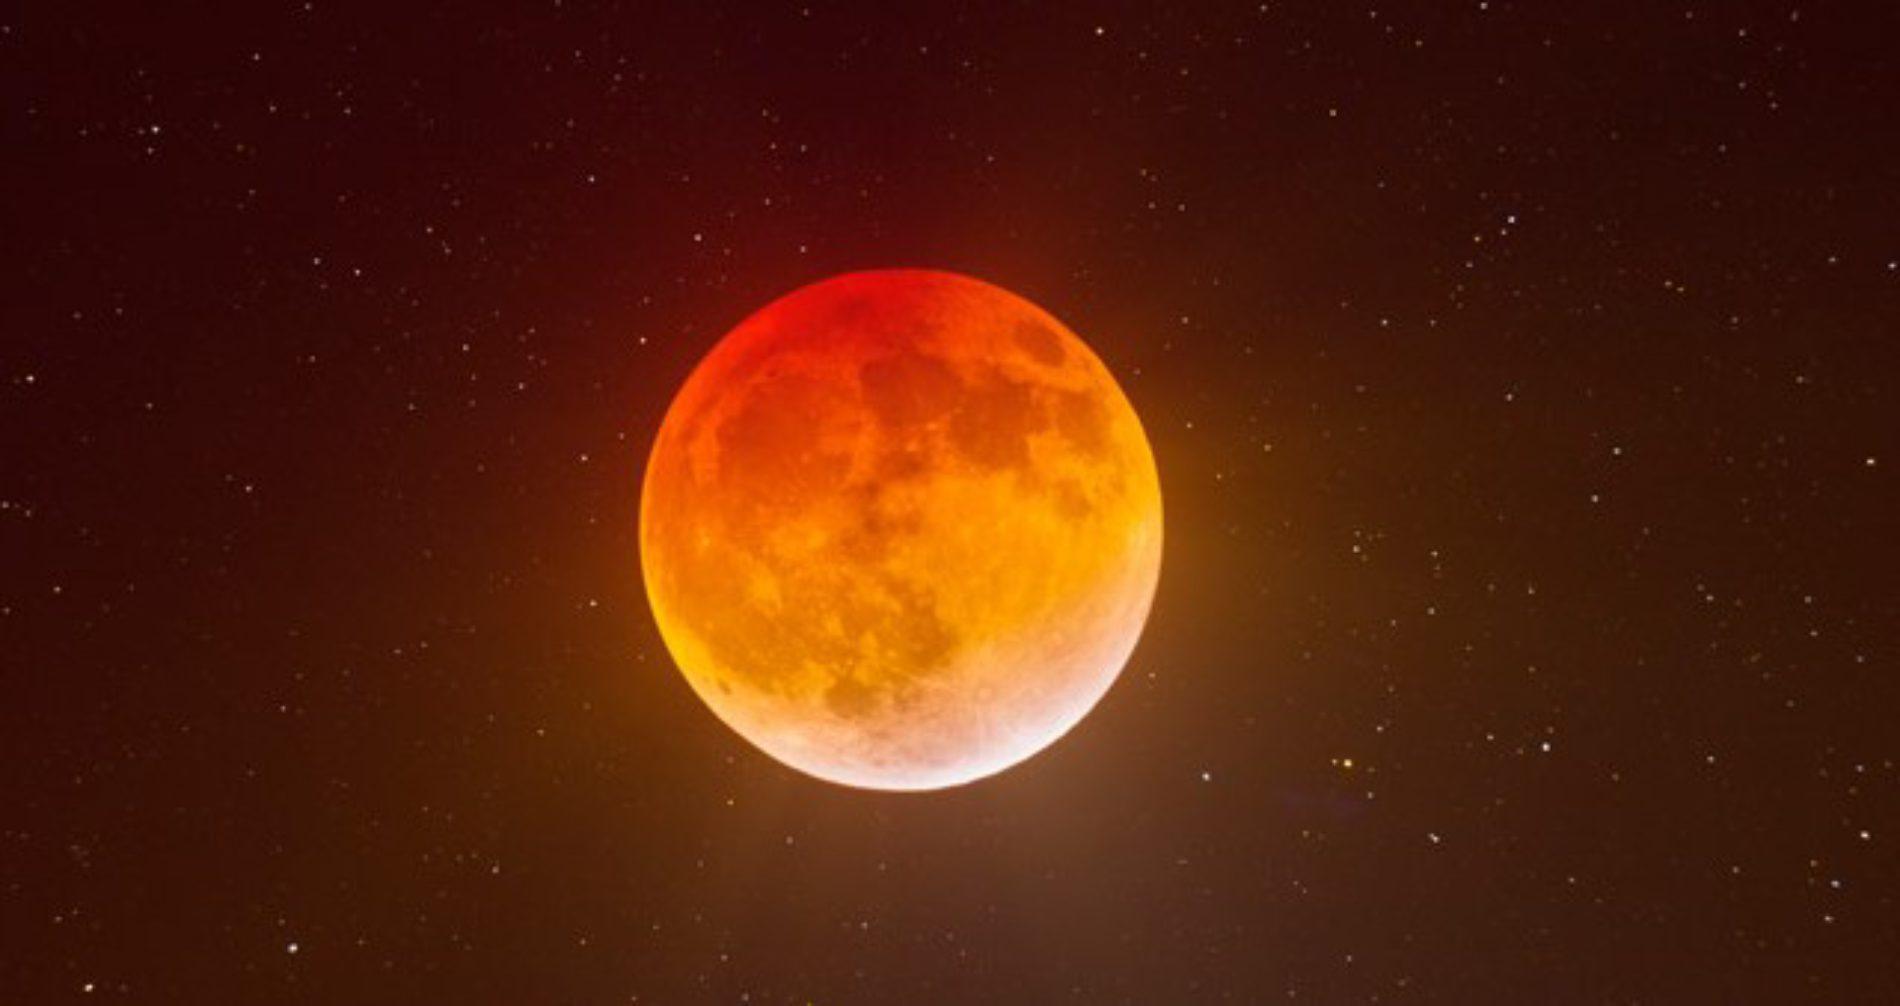 NÃO PERCA O eclipse lunar de 2019